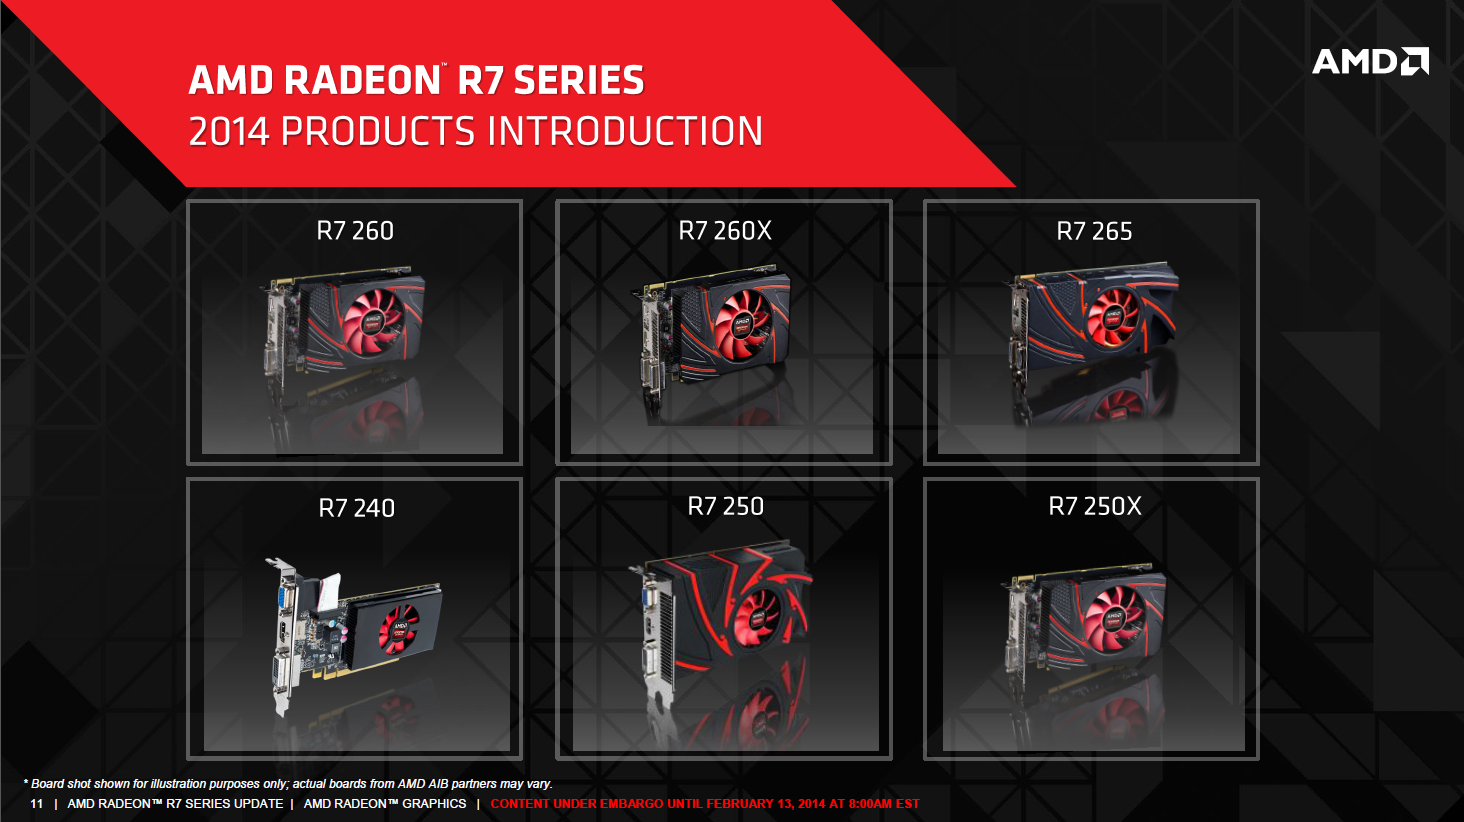 Radeon R7 265: Auch die zwölfte R-Radeon ist altbekannt - AMD hat 2014 sechs neue Grafikkarten vorgestellt, zumeist Rebrands. (Bild: AMD)